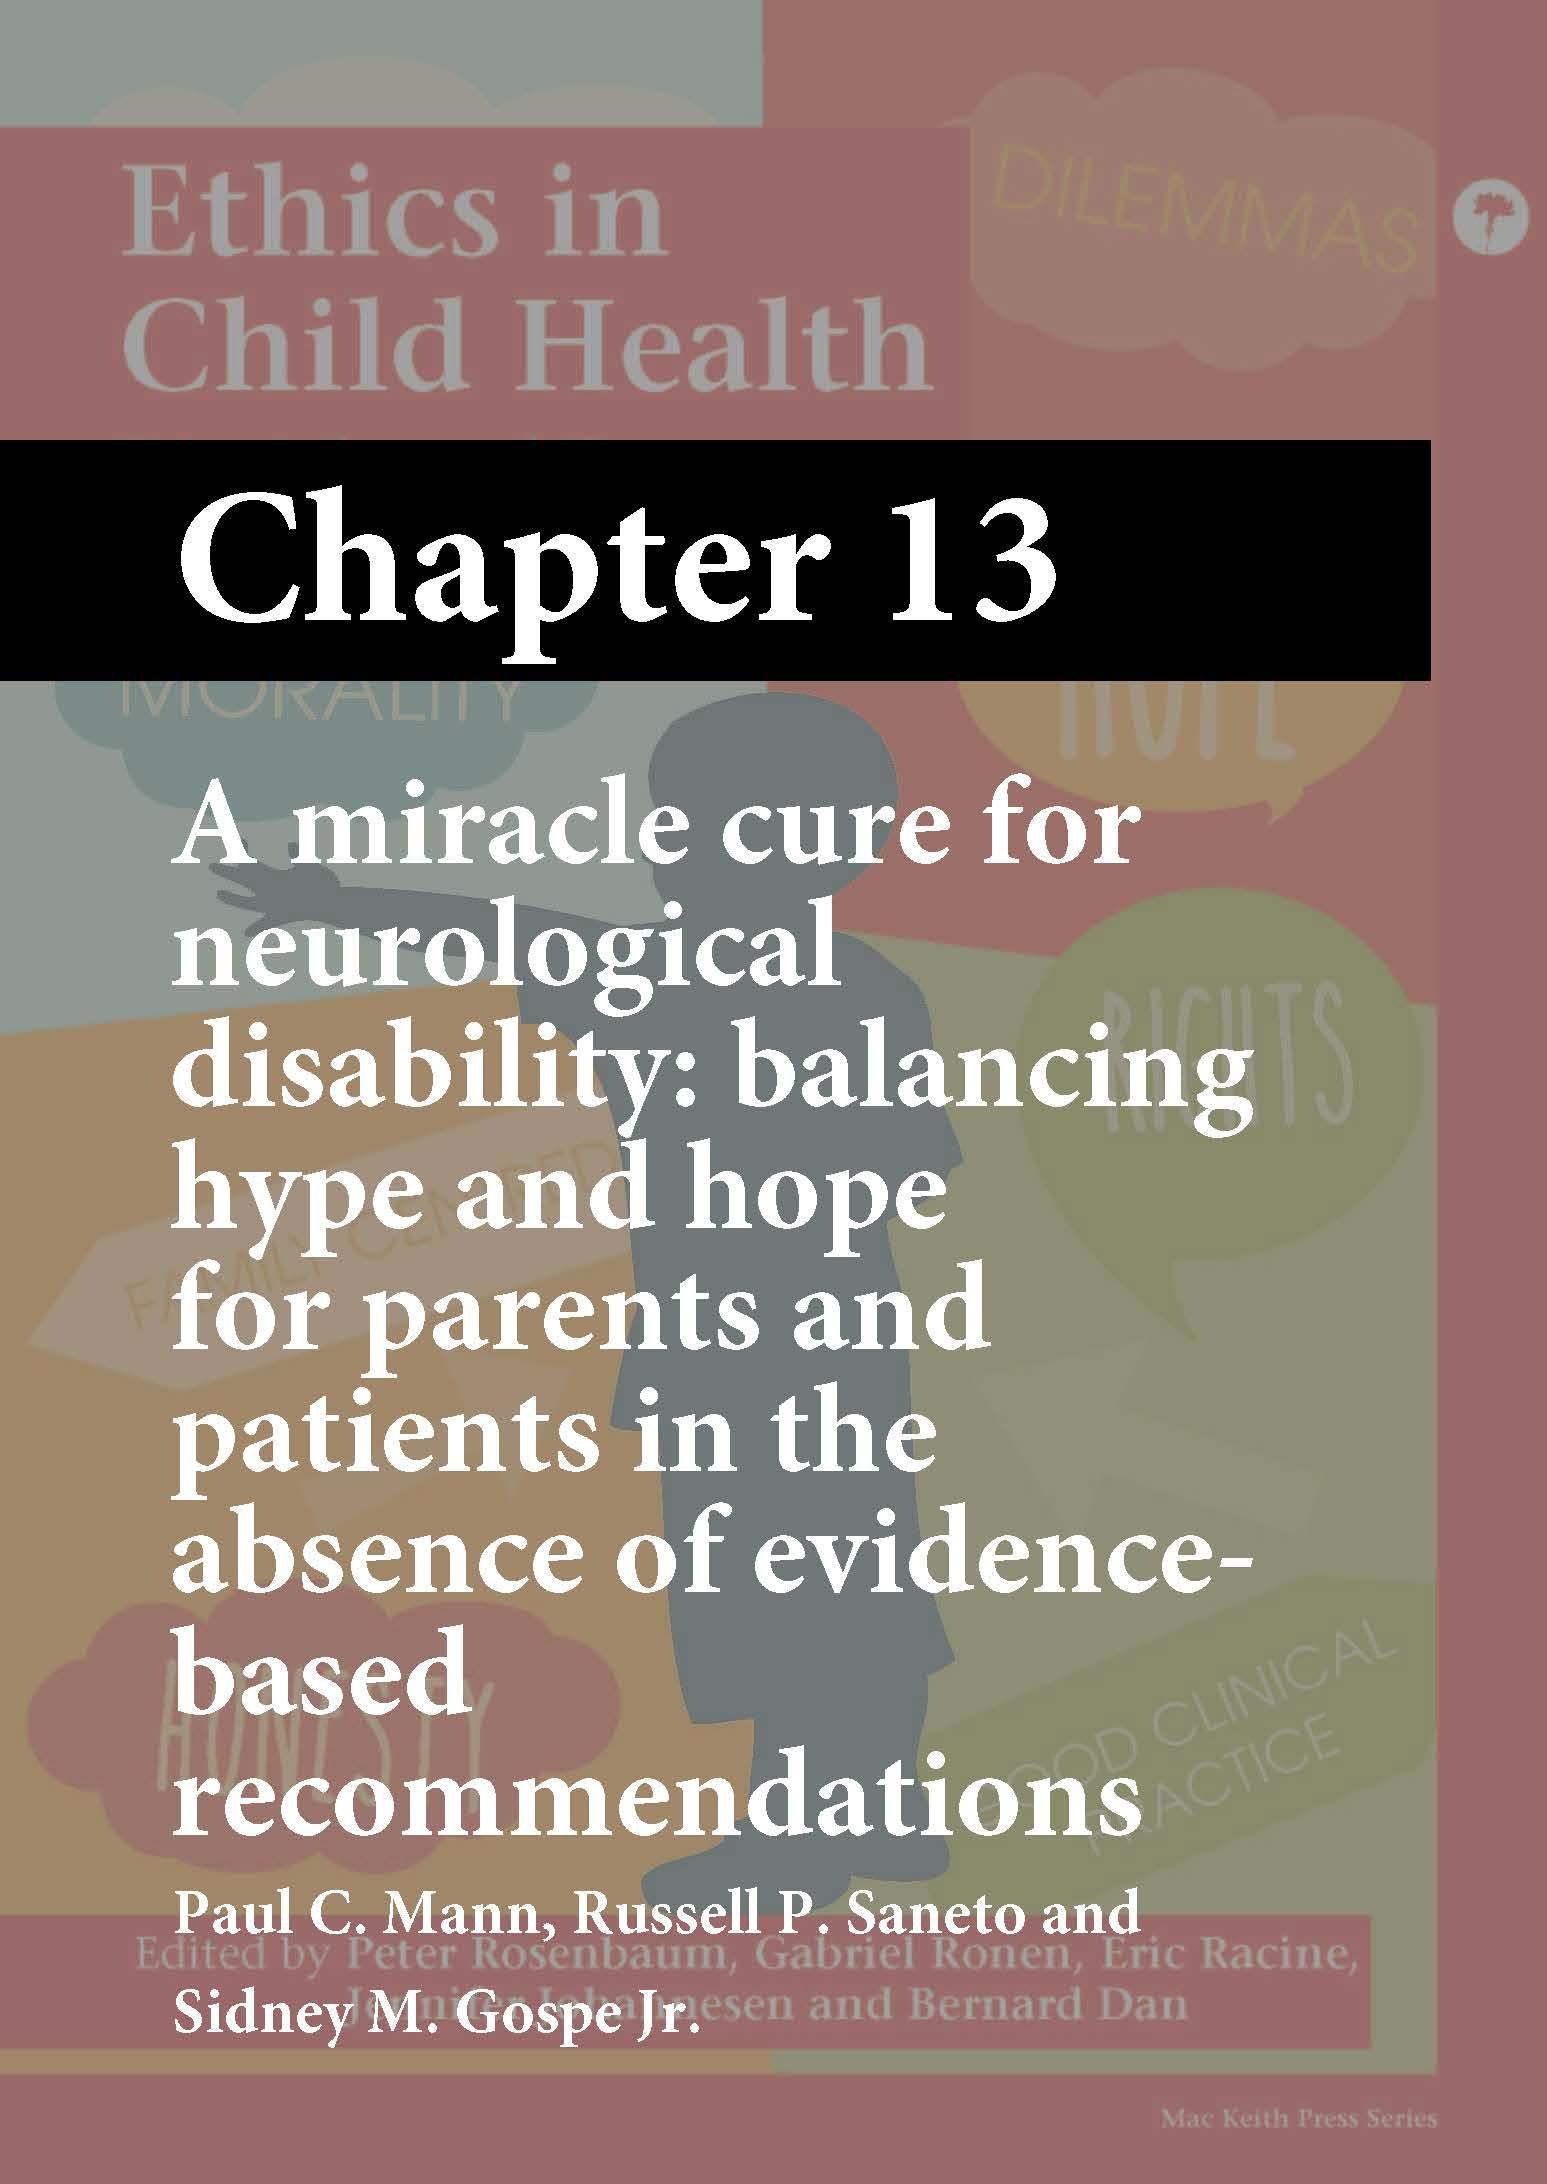 Ethics in Child Health, Rosenbaum, Chapter 13 cover